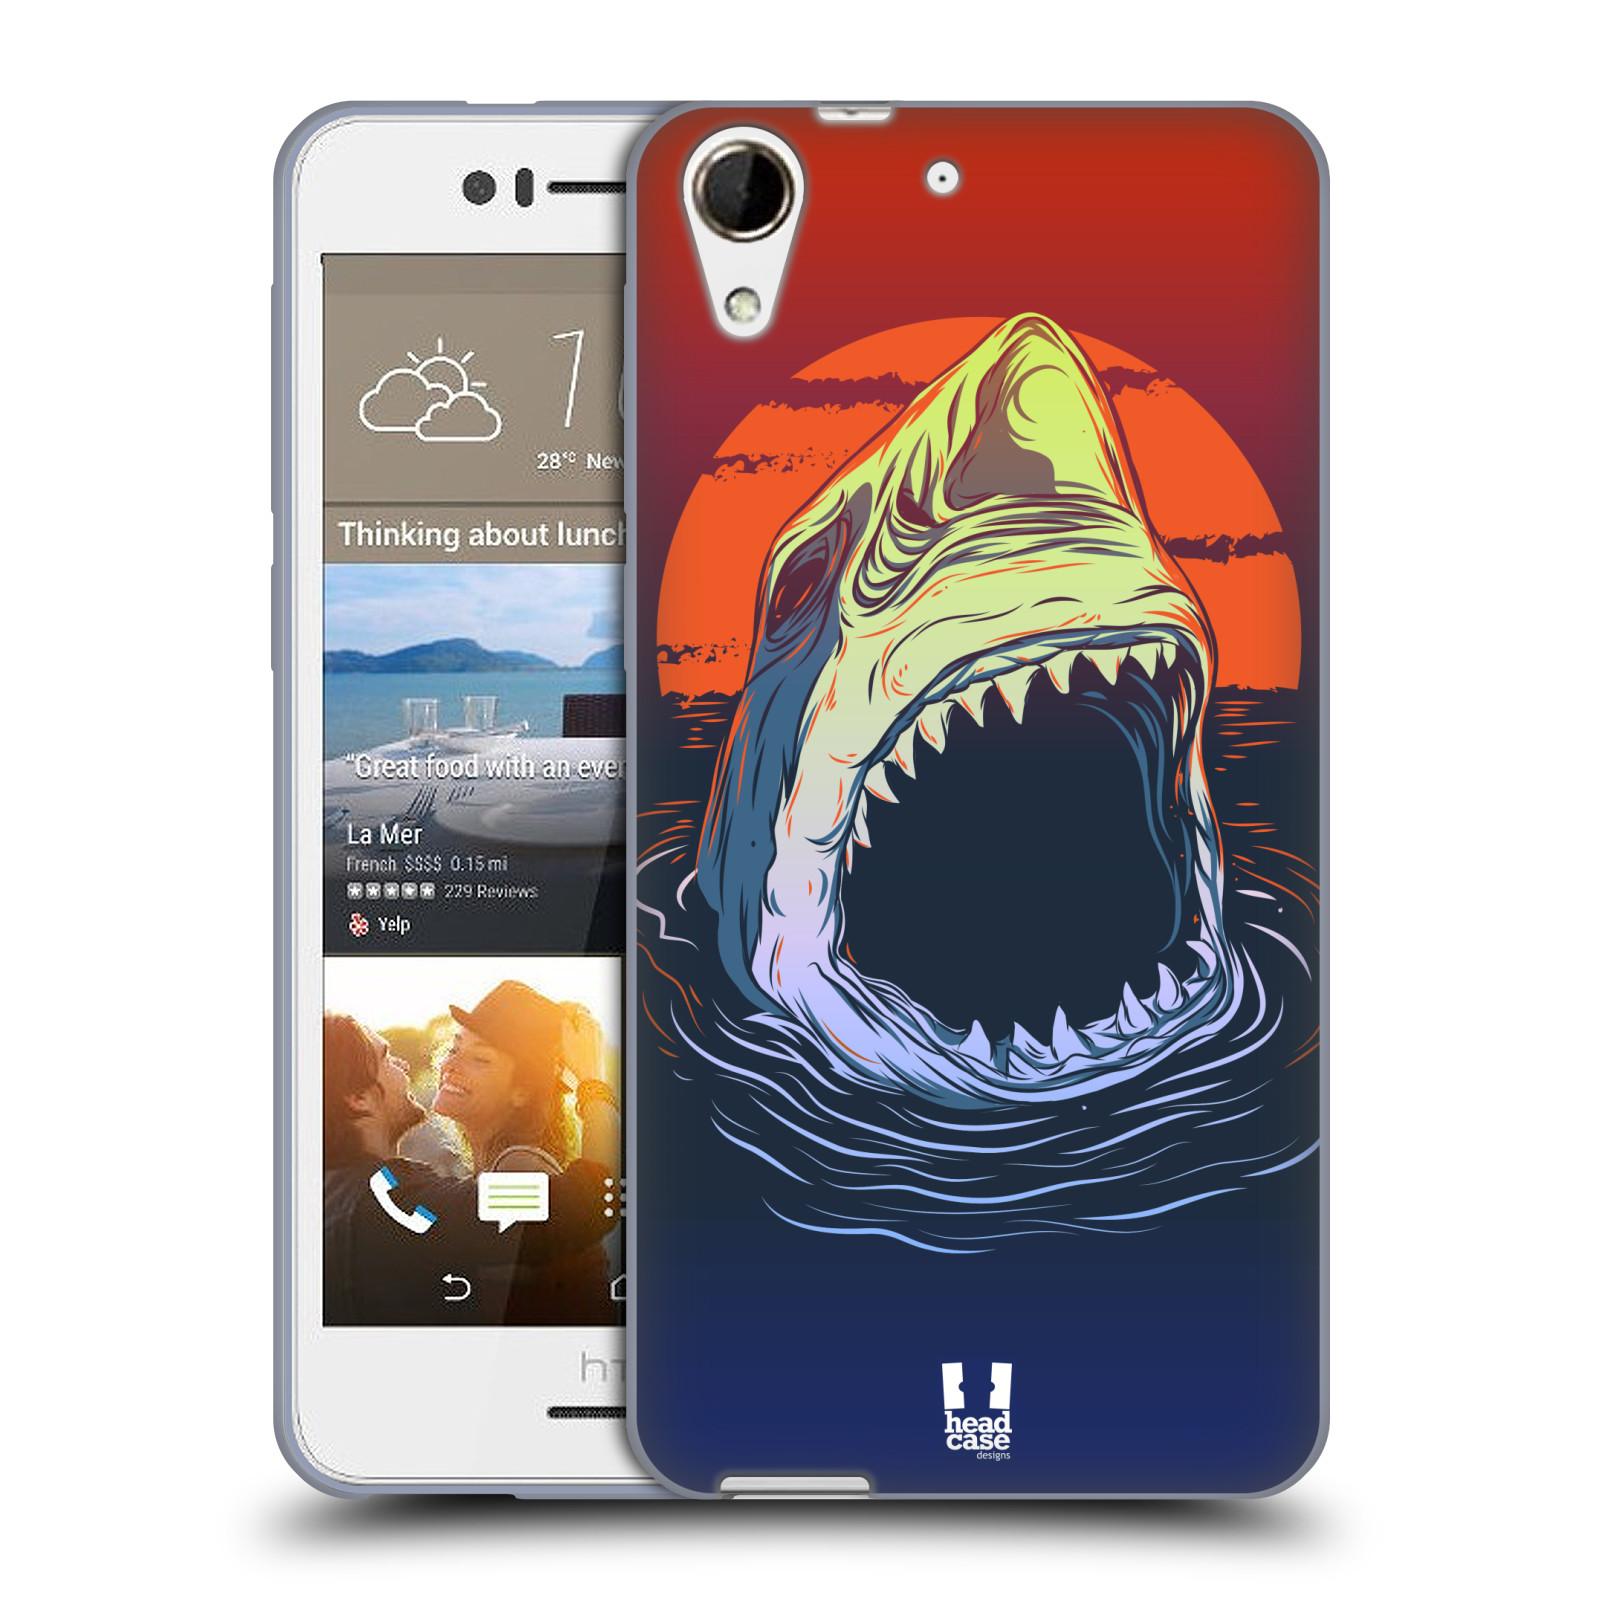 Silikonové pouzdro na mobil HTC Desire 728G Dual SIM HEAD CASE HLADOVÝ ŽRALOK (Silikonový kryt či obal na mobilní telefon HTC Desire 728 G Dual SIM)